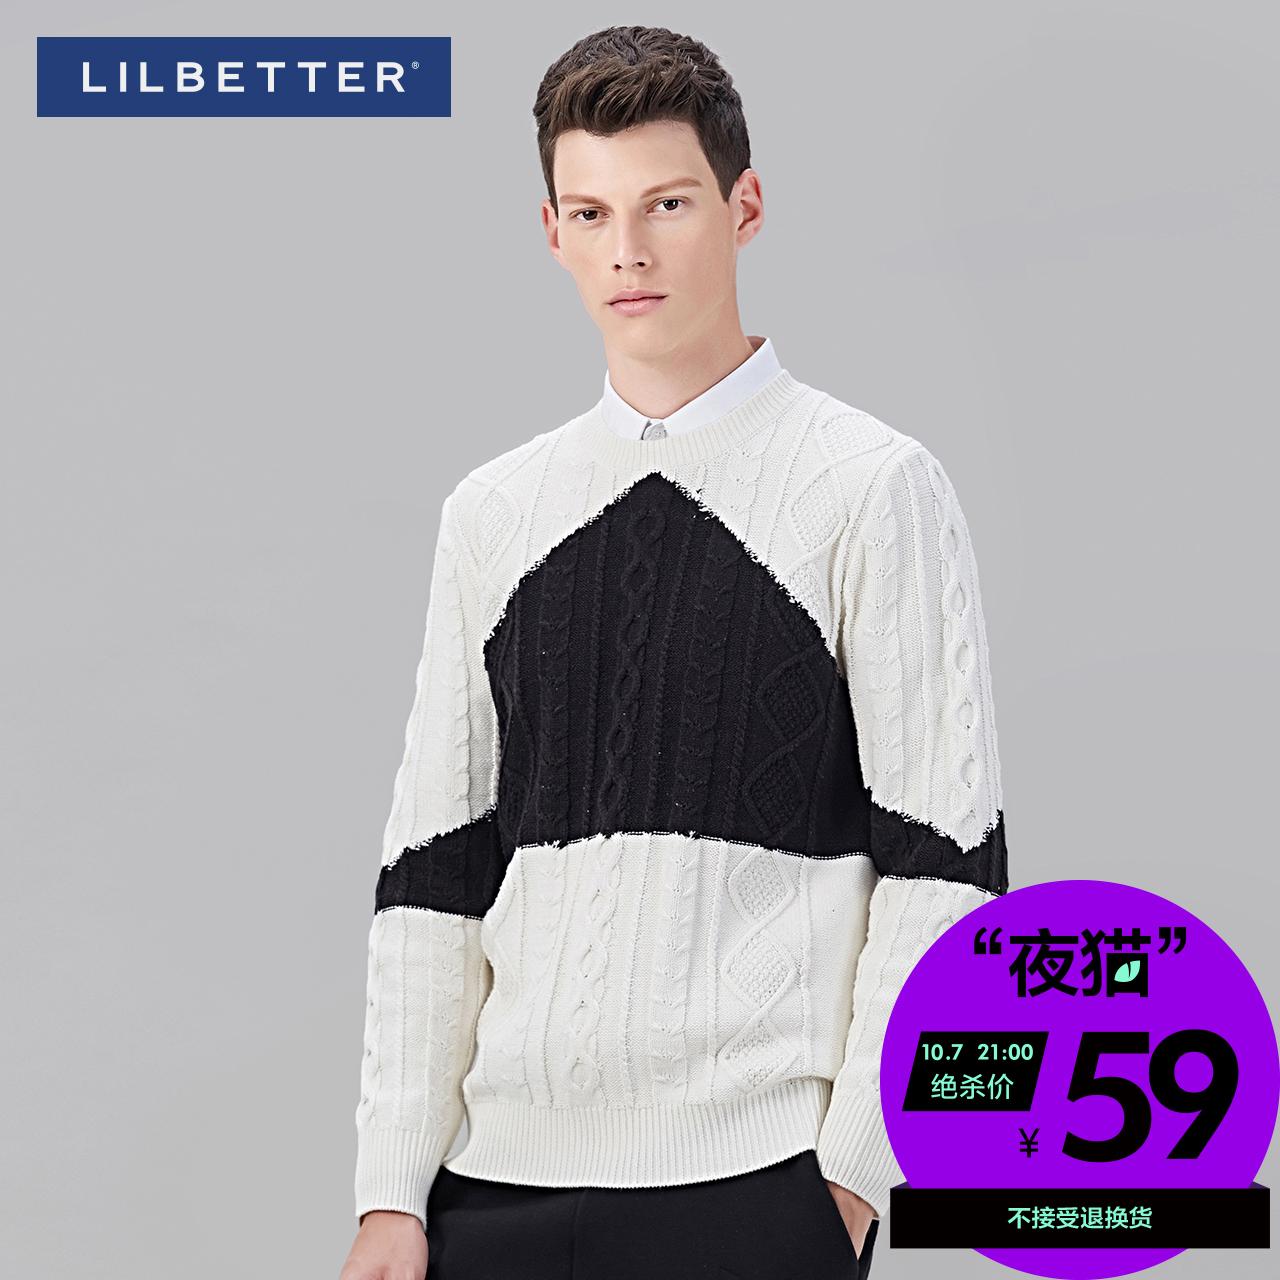 Lilbetter~夜貓計劃:59元~10月7日 21點開搶 黑白提花圓領毛衣